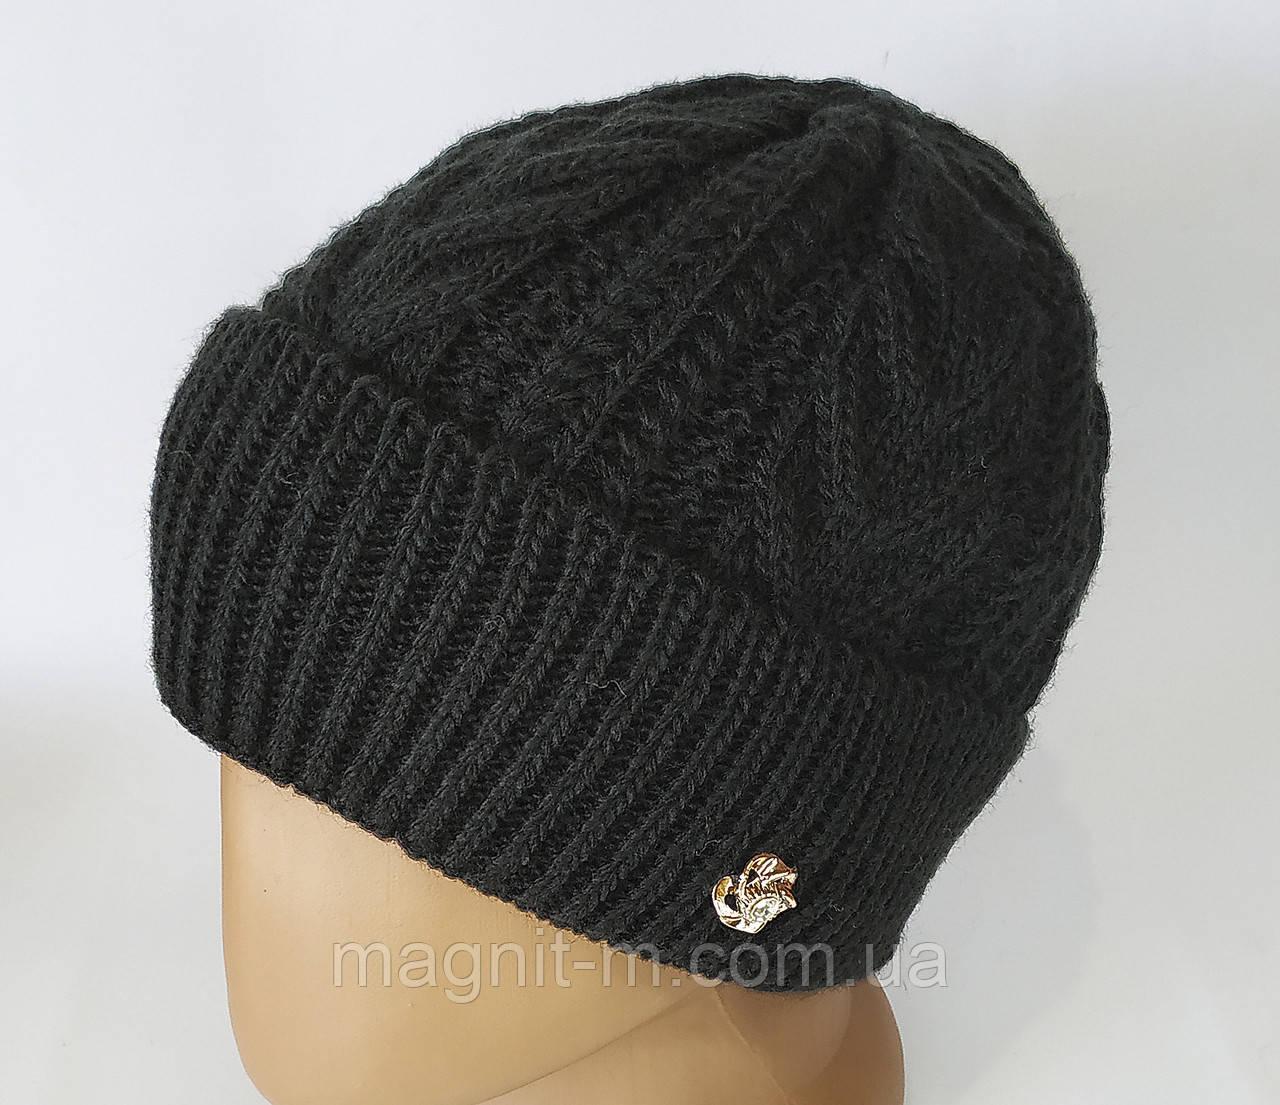 Женская теплая шапка с отворотом. Узор коса. Флисовая подкладка. Черная.